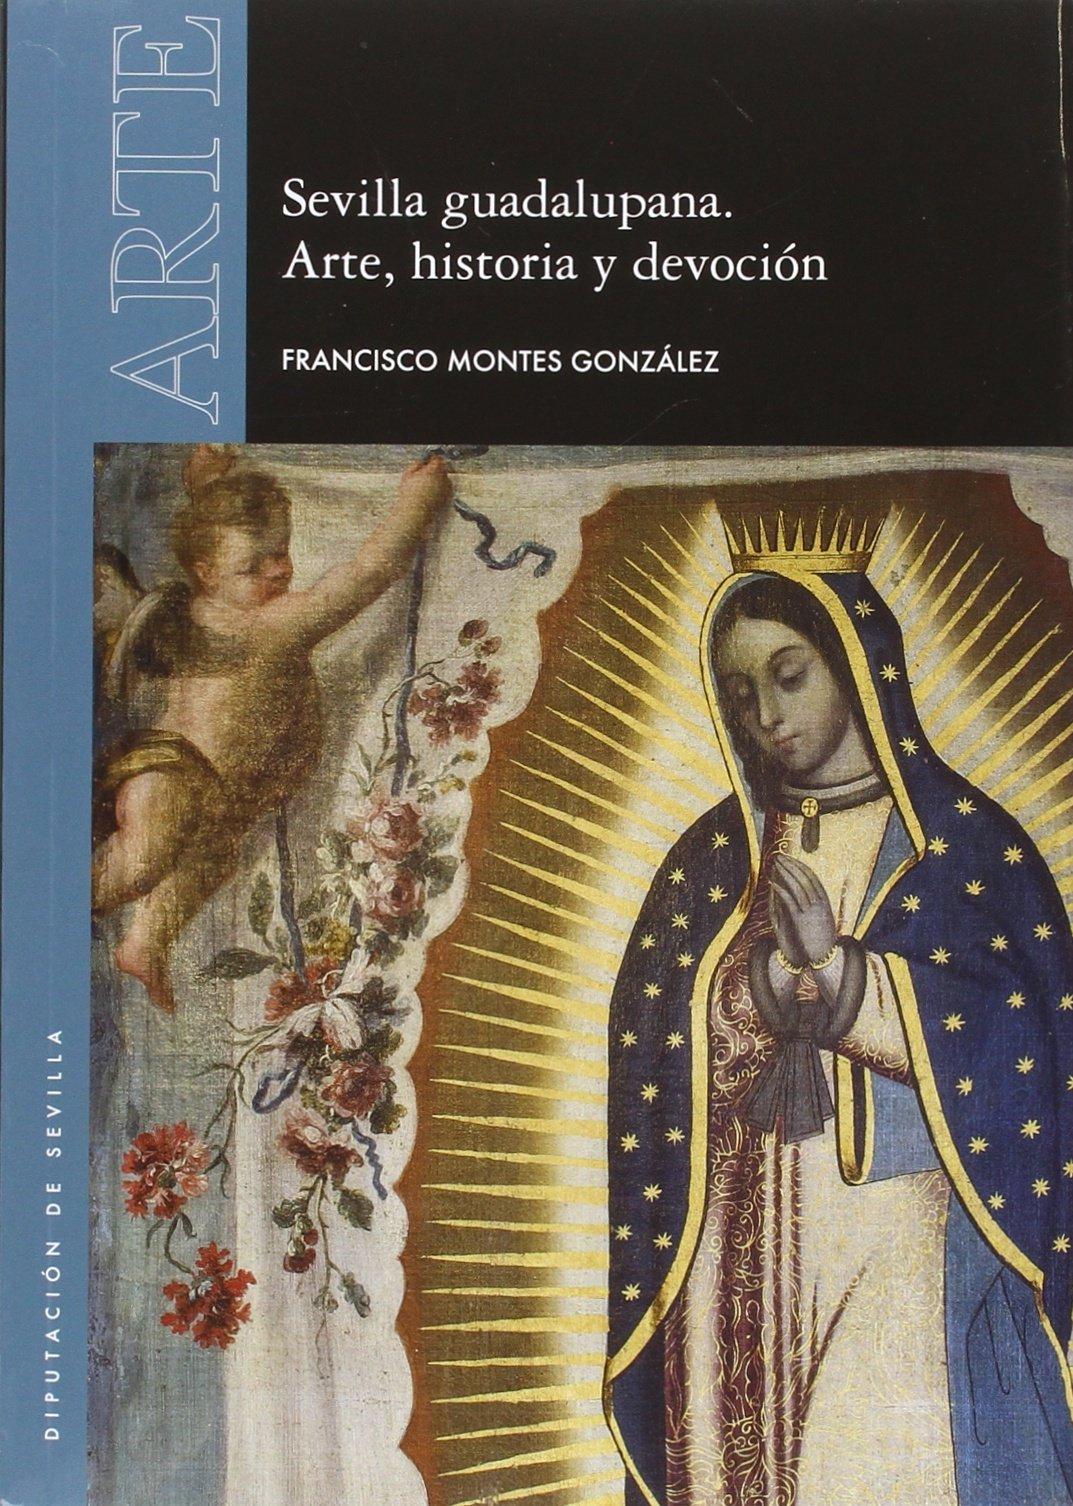 Sevilla guadalupana. Arte, historia y devoción: 54: Amazon.es: Montes González, Francisco, Morales Martínez, Alfredo J.: Libros